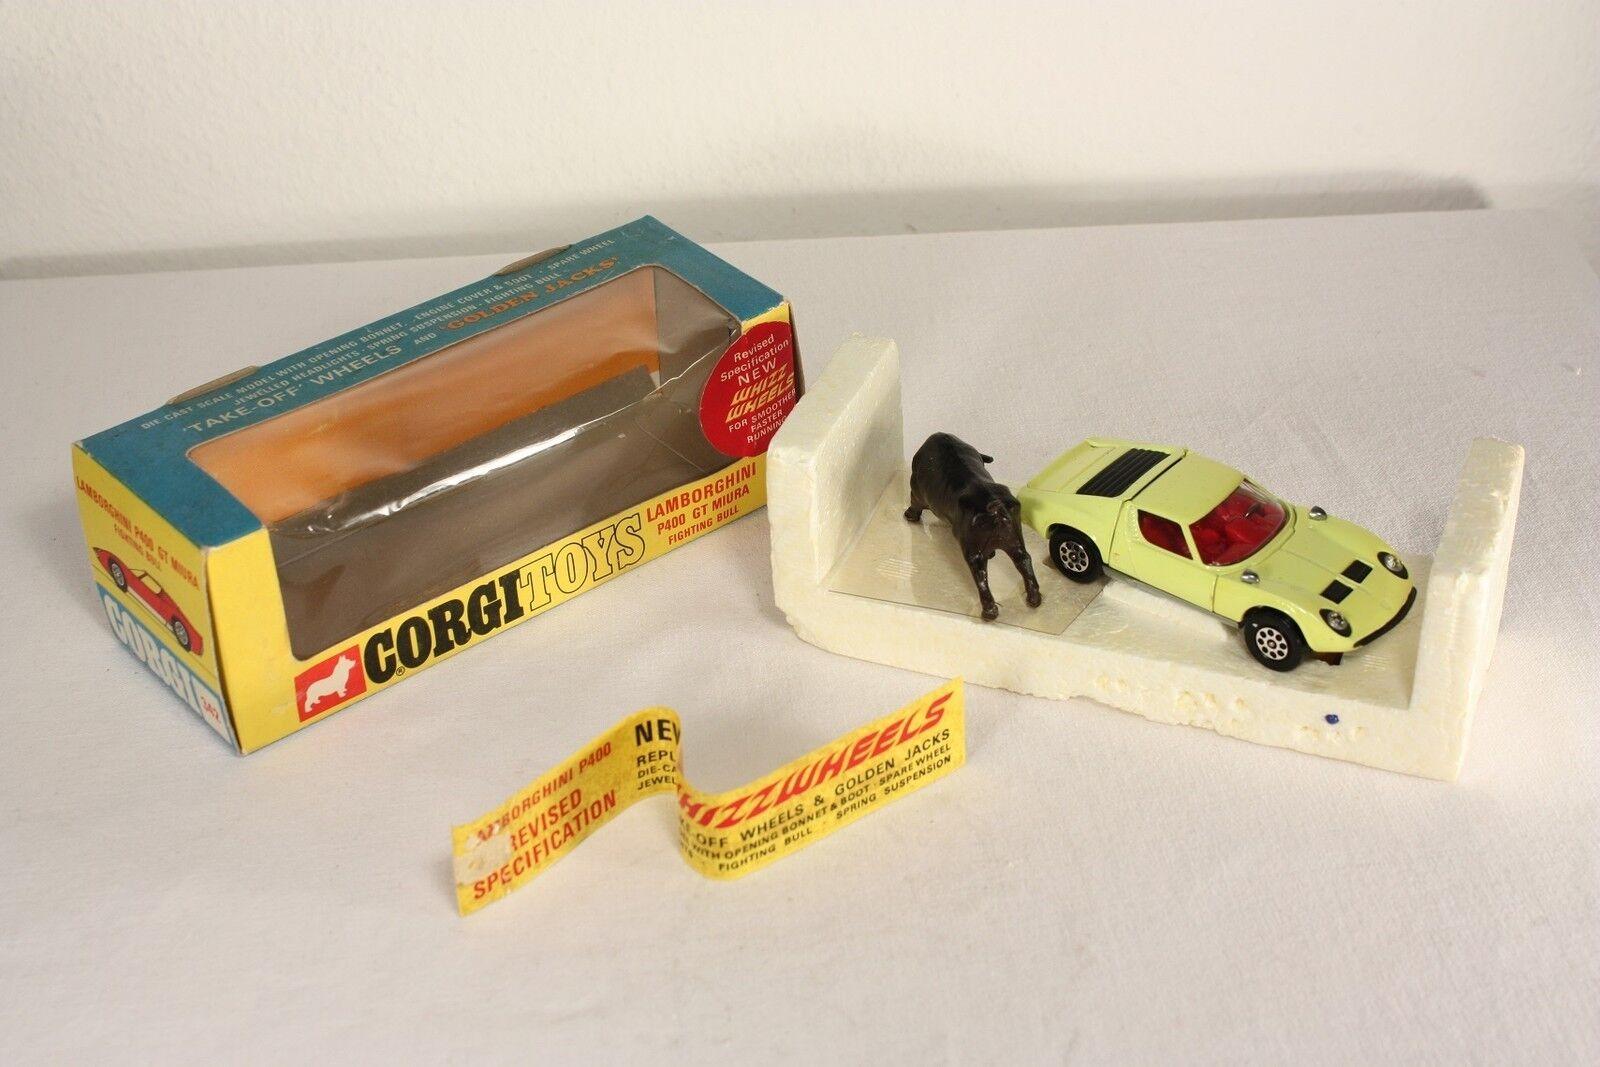 nelle promozioni dello stadio CORGI giocattoli giocattoli giocattoli 342, Lamborghini Miura, Mint in scatola  ab549  spedizione gratuita